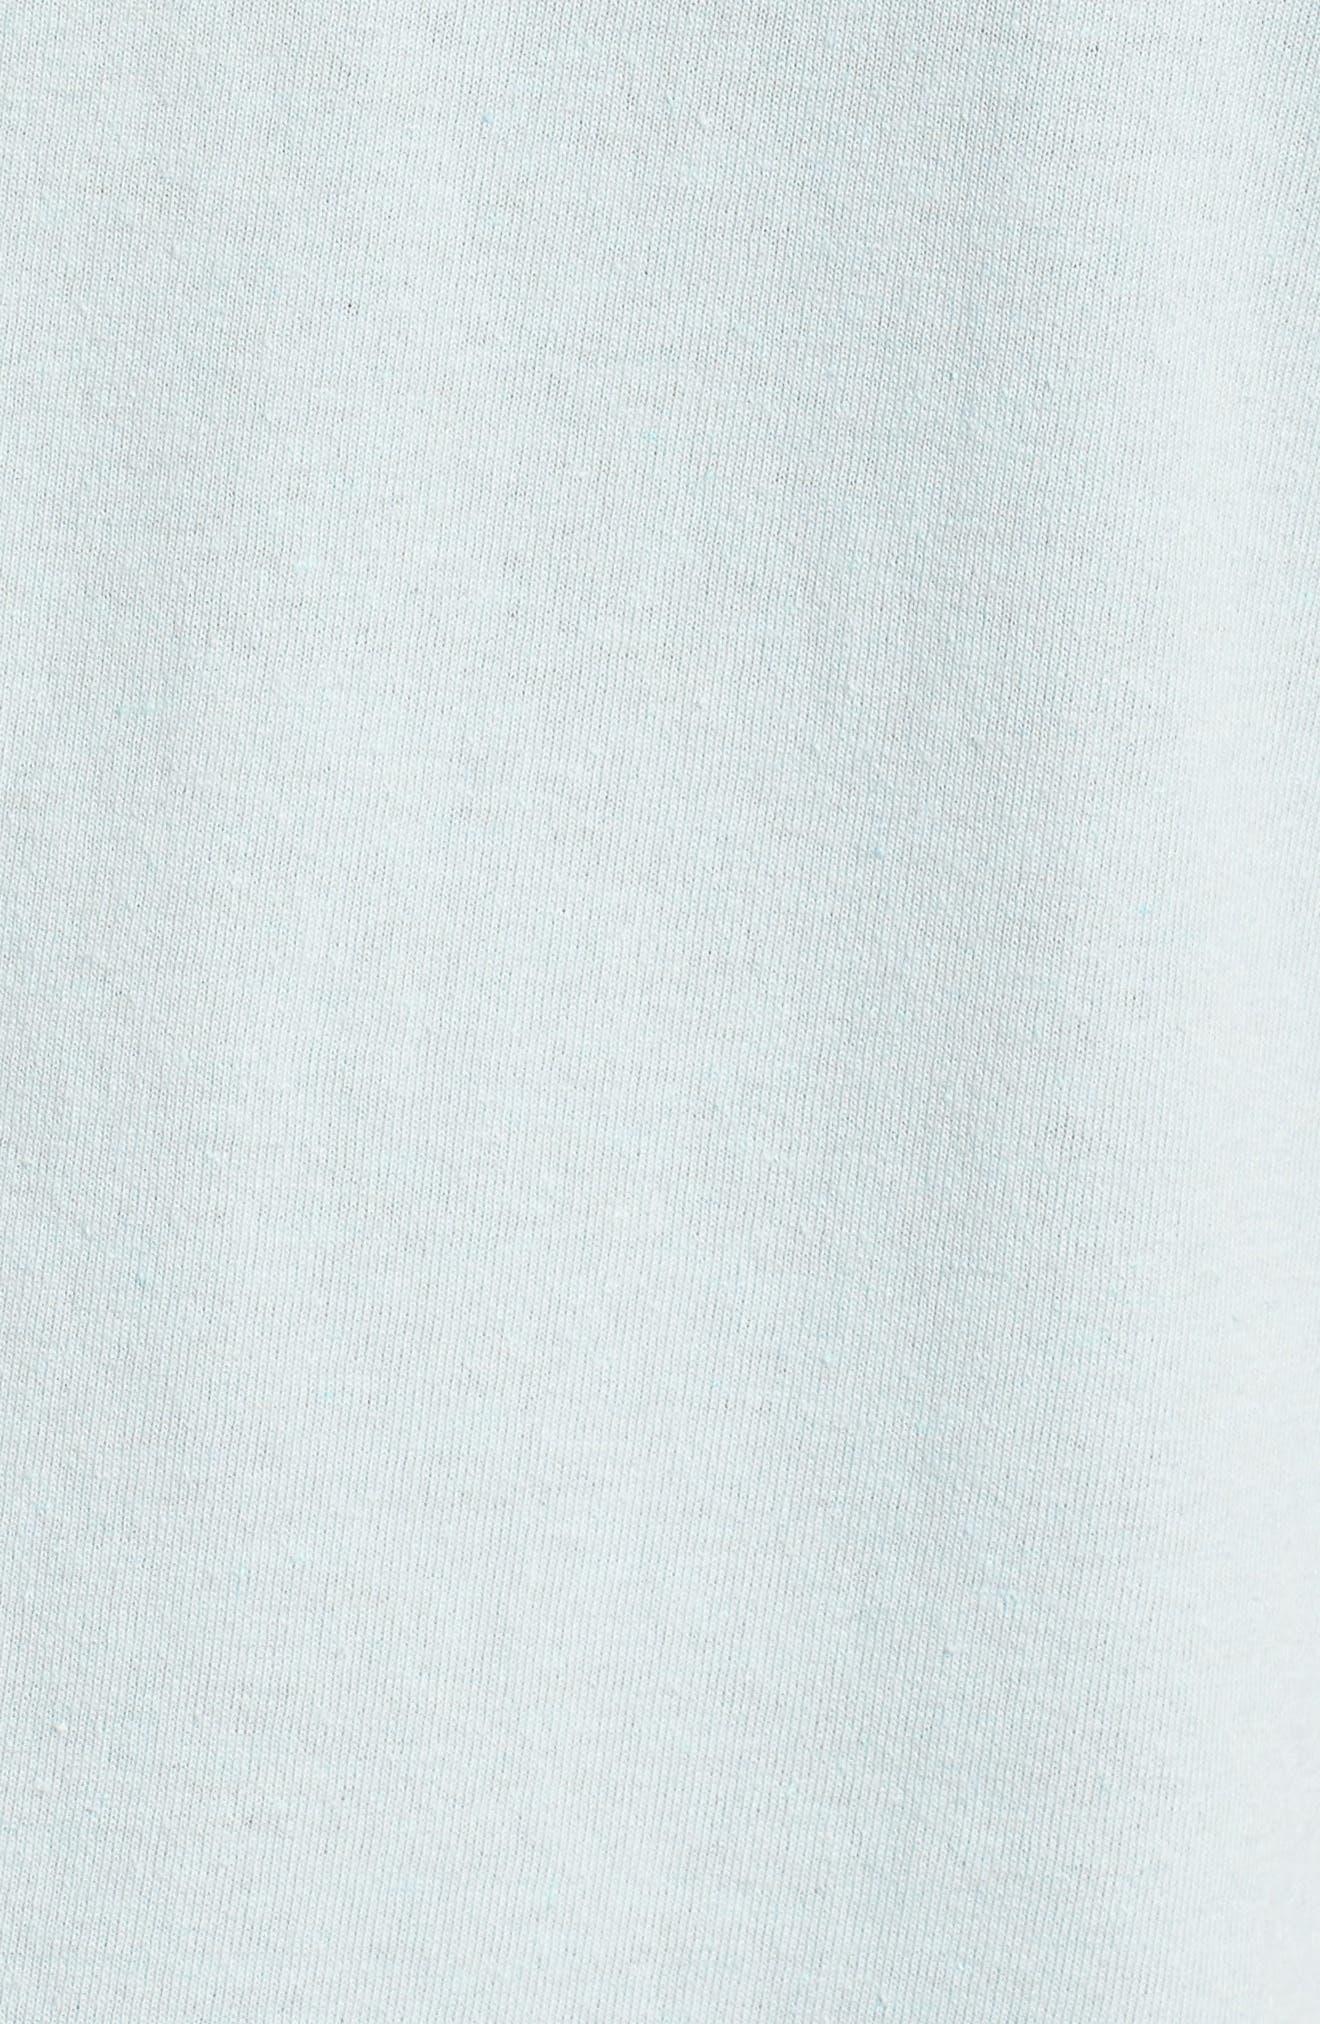 Crossboard Graphic T-Shirt,                             Alternate thumbnail 5, color,                             Light Aqua